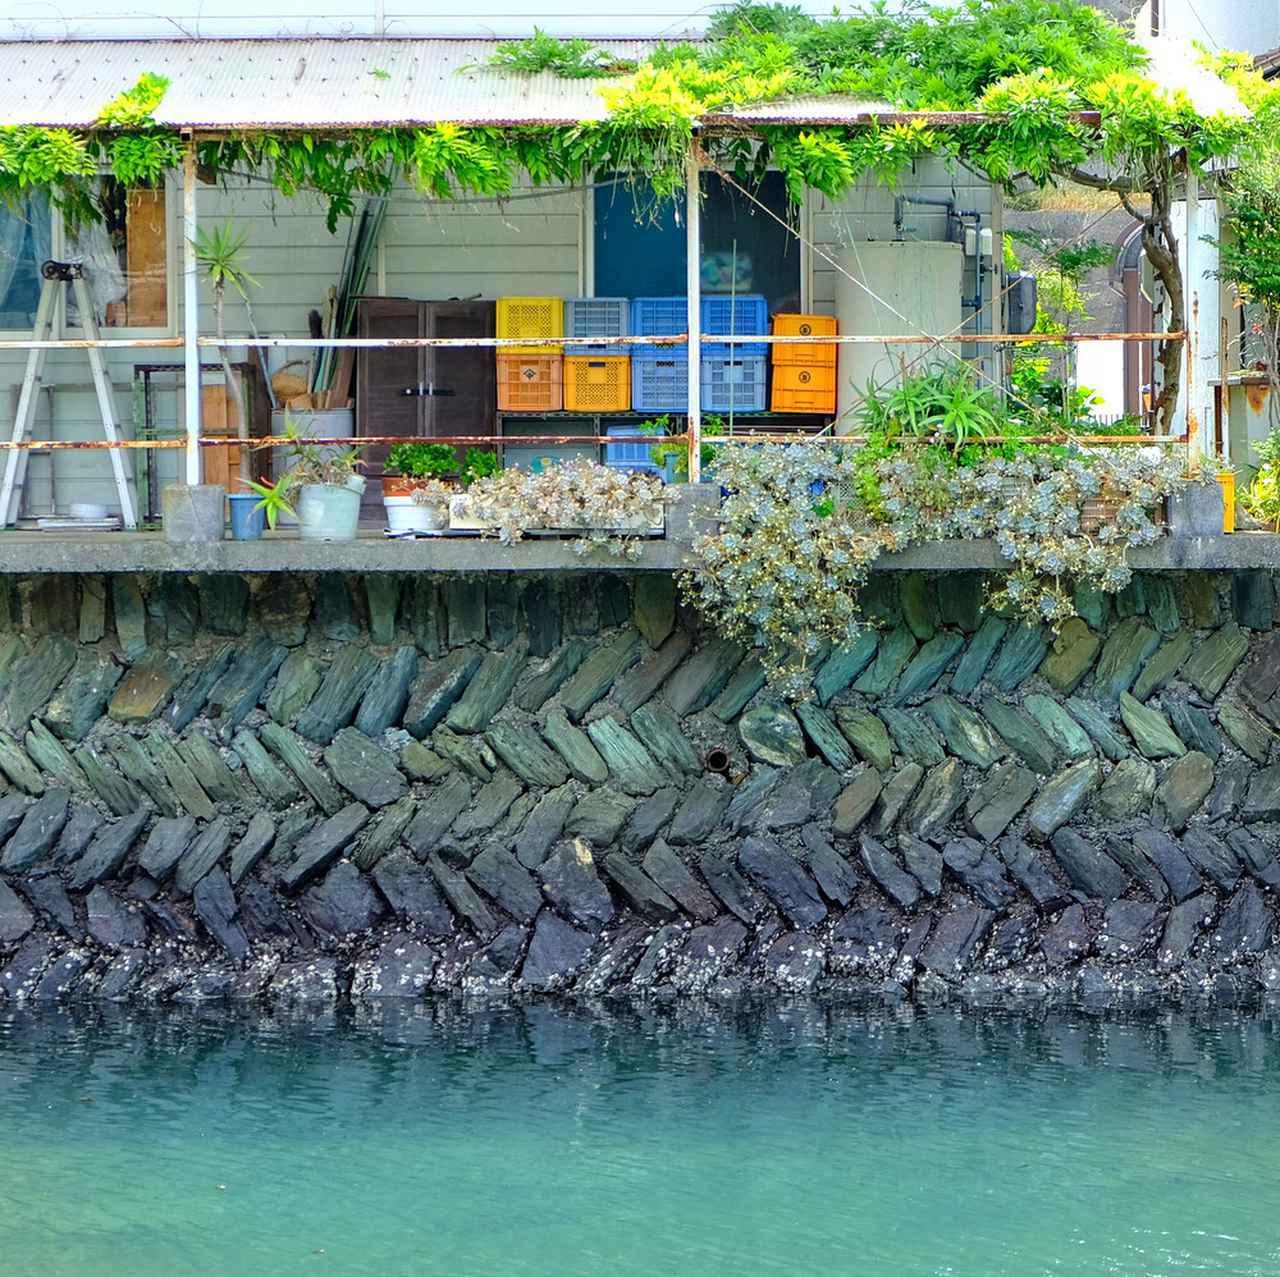 画像: 川岸に使われているのは伊予青石。矢羽根積みにした護岸ももっきんろーどから眺められます。まるで毛糸を編んだような美しさです。